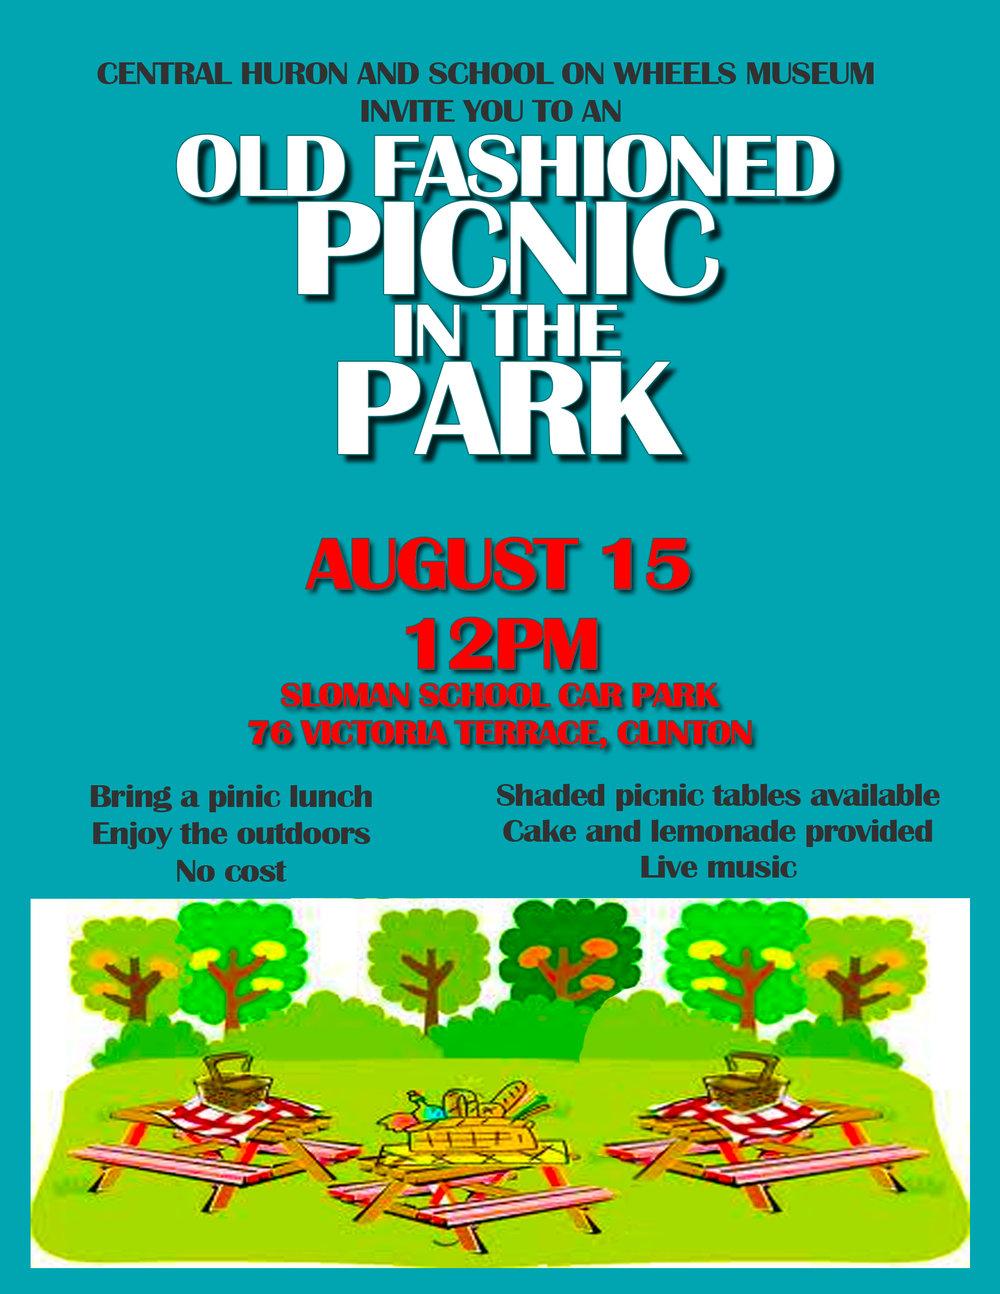 picnic in the parkv2.jpg